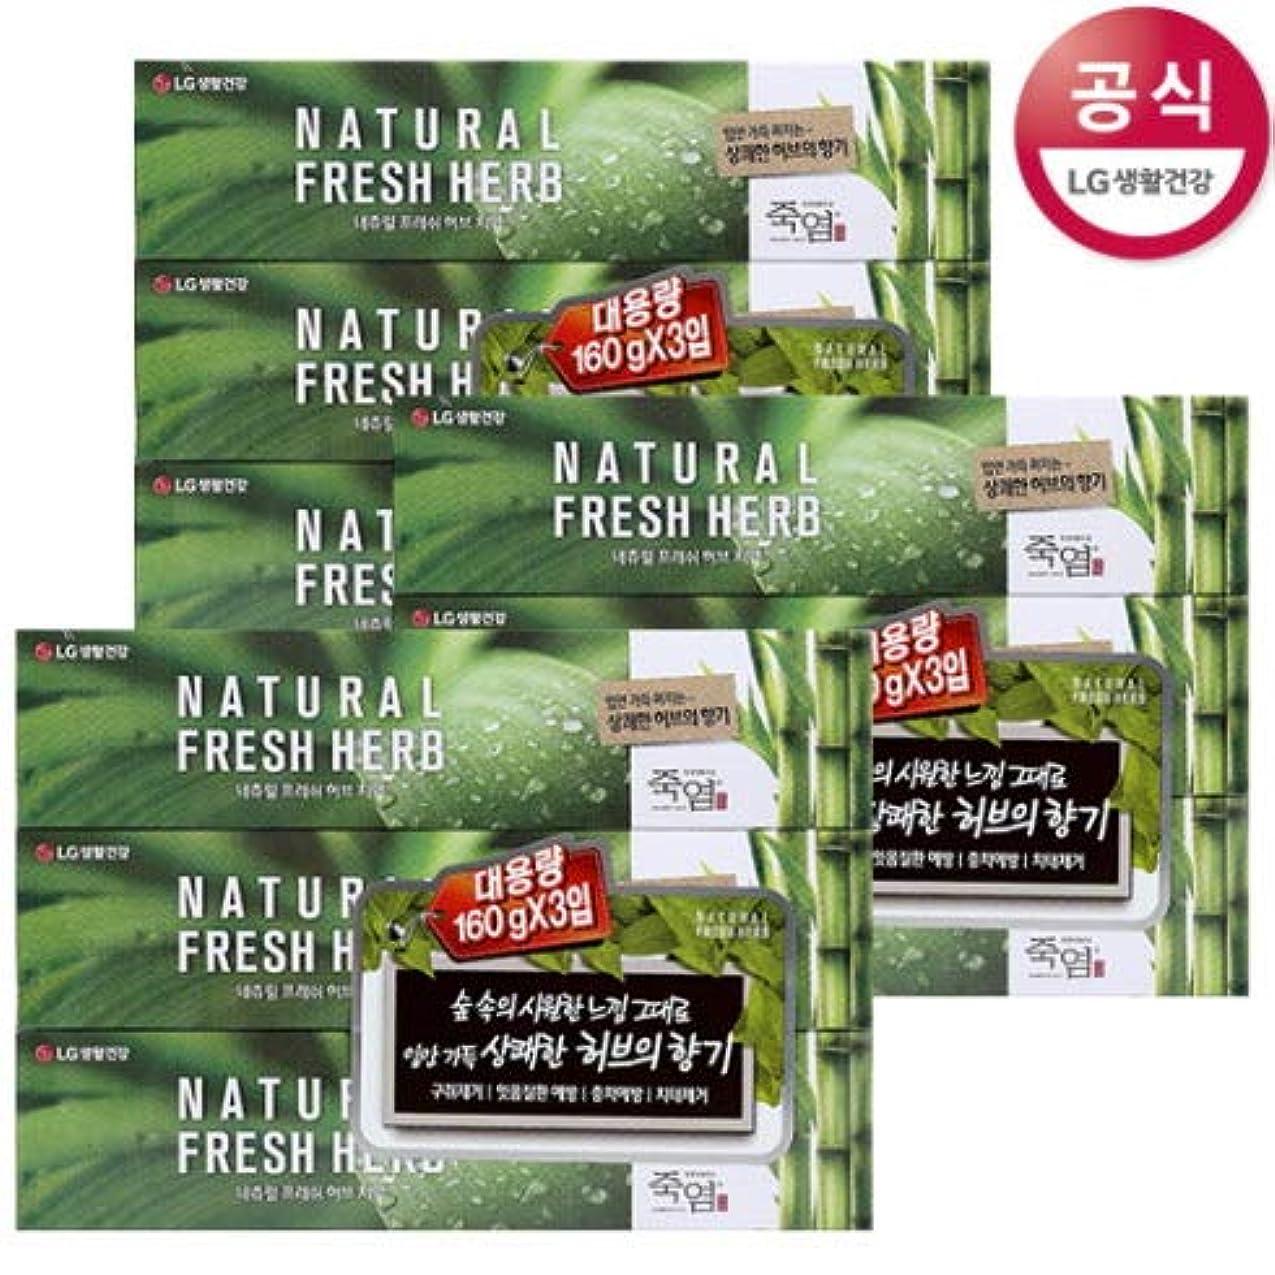 従事した知人ポインタ[LG HnB] Bamboo Salt Natural Fresh Herbal Toothpaste/竹塩ナチュラルフレッシュハーブ歯磨き粉 160gx9個(海外直送品)